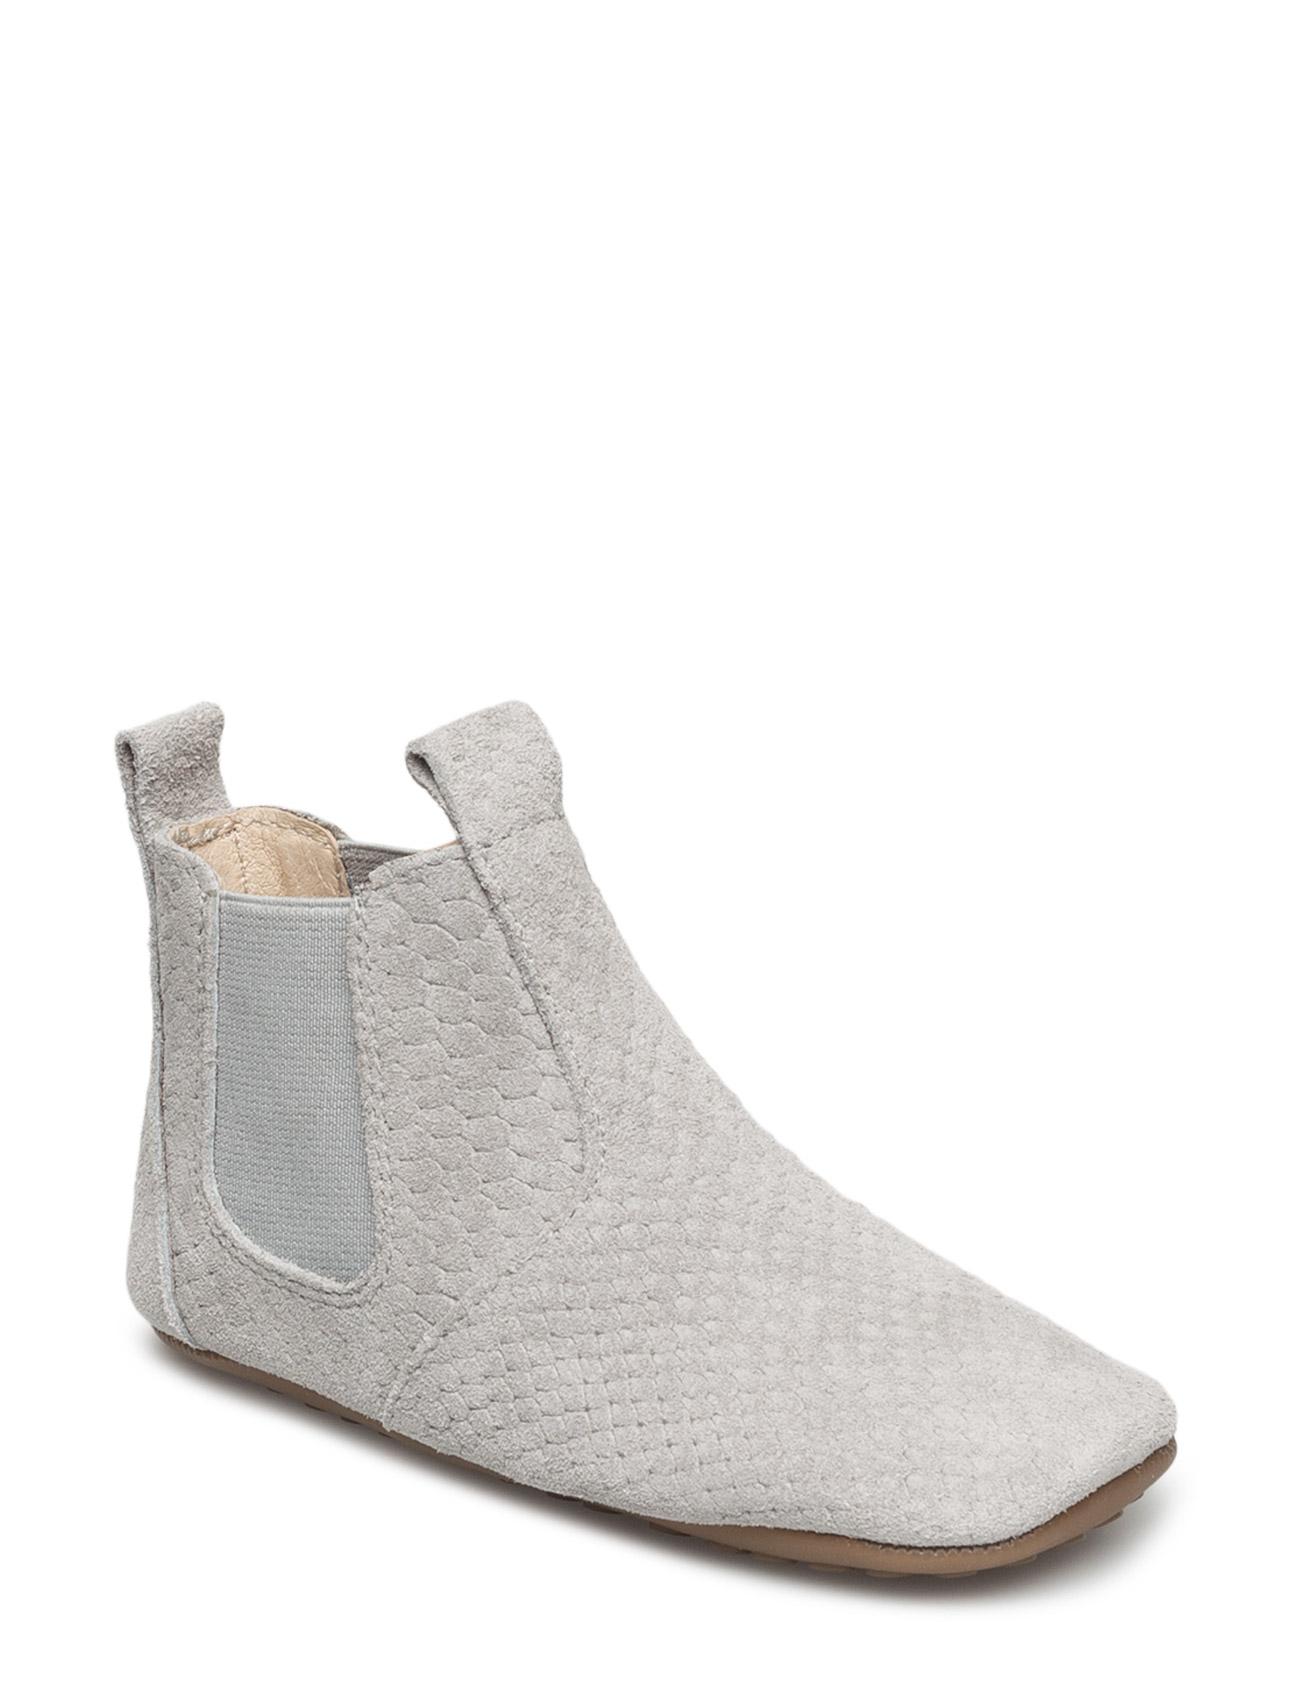 Indoor Shoe Pom pom Støvler til Børn i